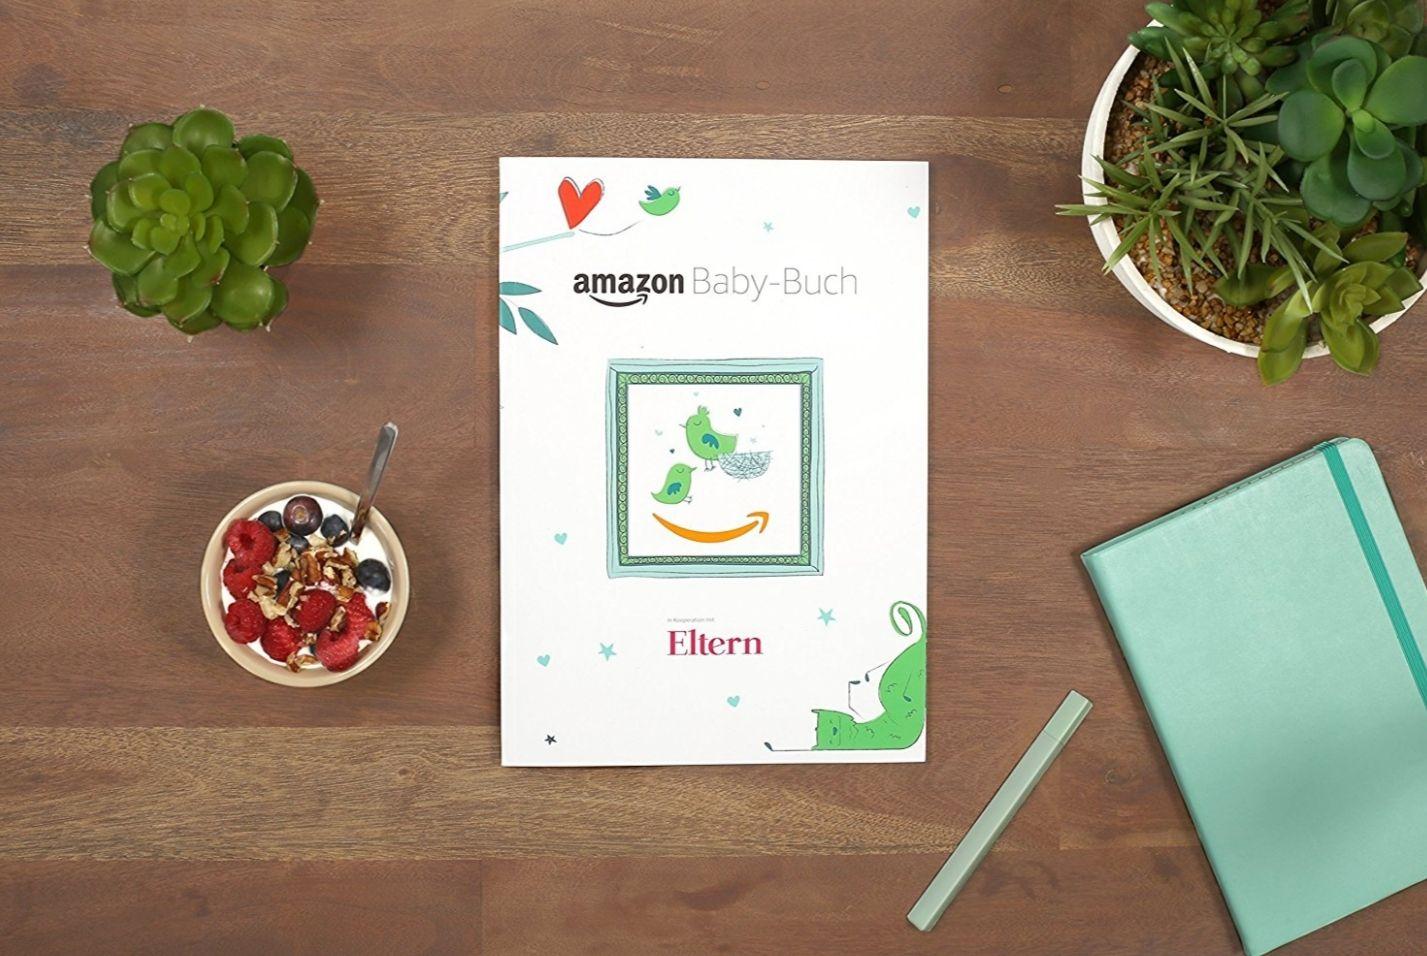 Amazon BabyBuch Kostenlos statt 10,08€ für Primemitglieder